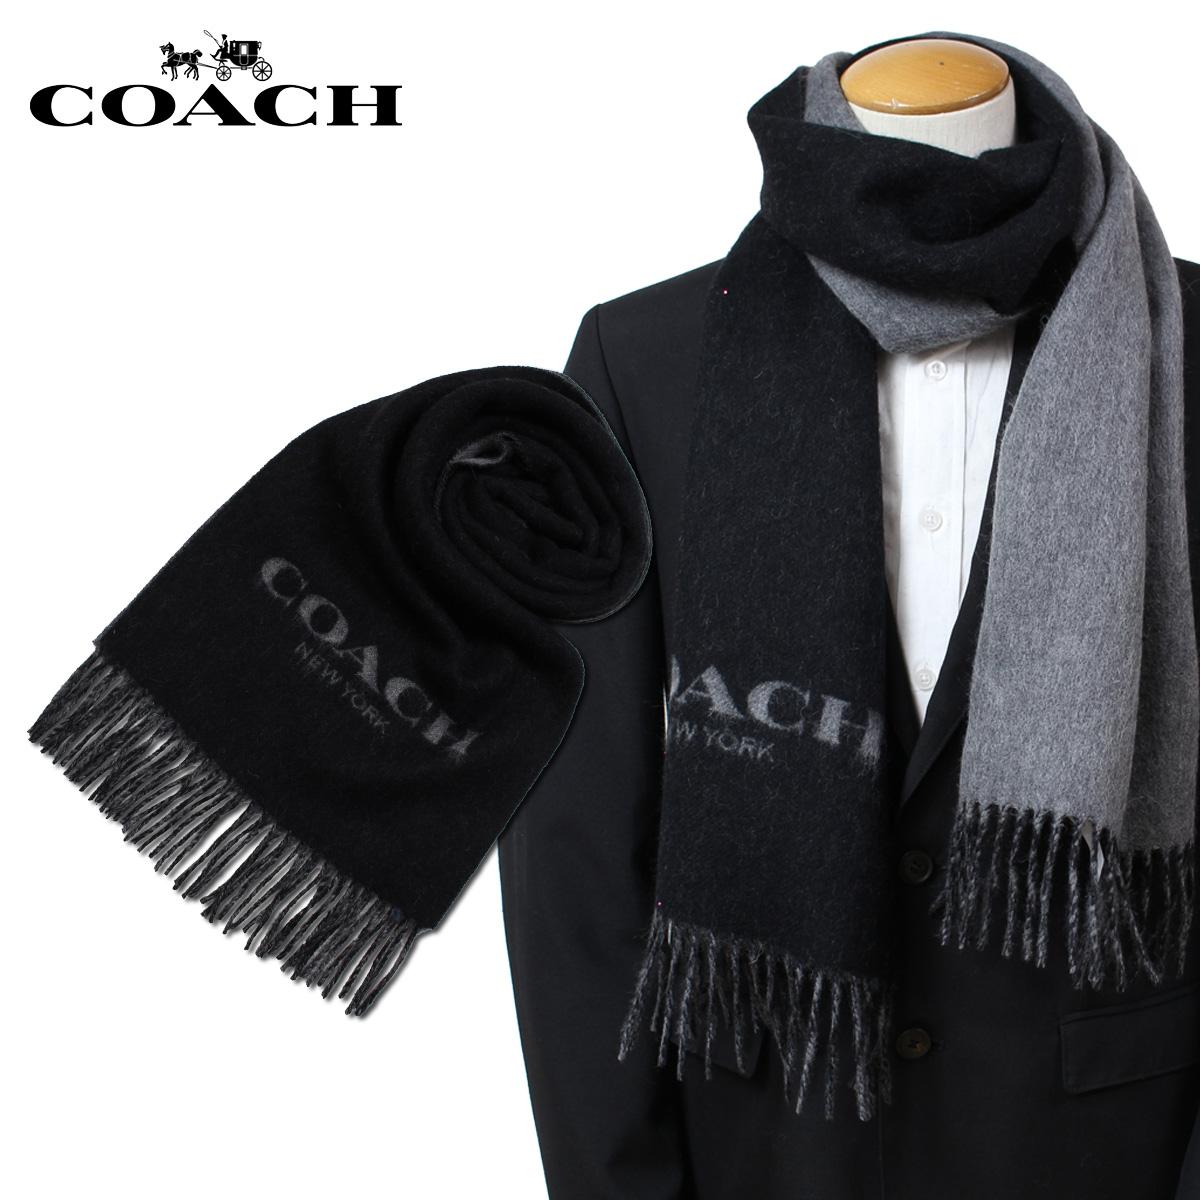 【最大2000円OFFクーポン】 コーチ COACH マフラー レディース メンズ ウール カシミア ブラック F86542